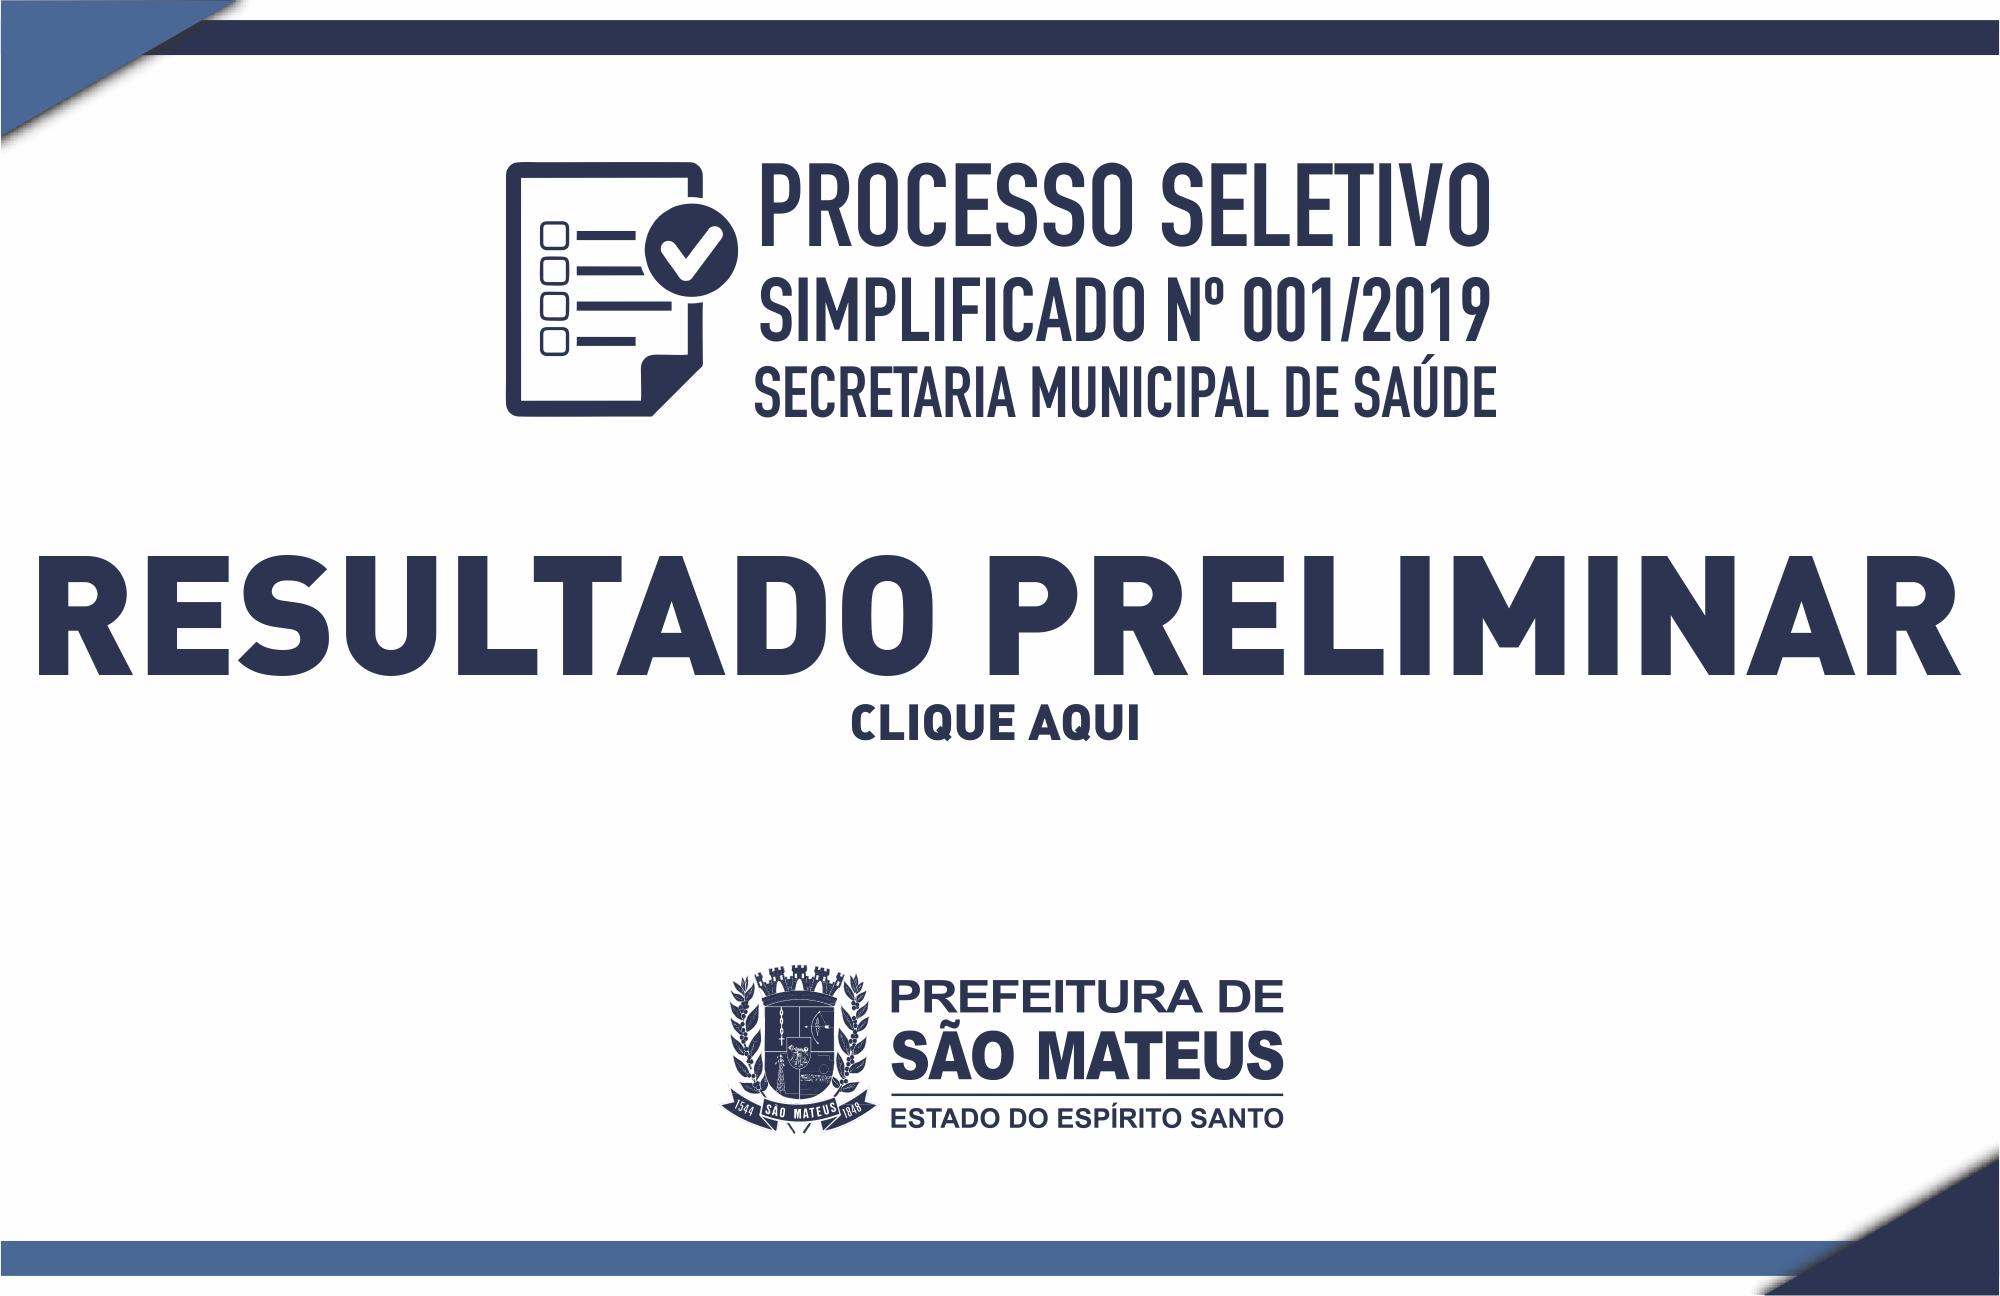 PREFEITURA DIVULGA RESULTADO PRELIMINAR DO PROCESSO SELETIVO SIMPLIFICADO PARA PROFISSIONAIS DA SAÚDE